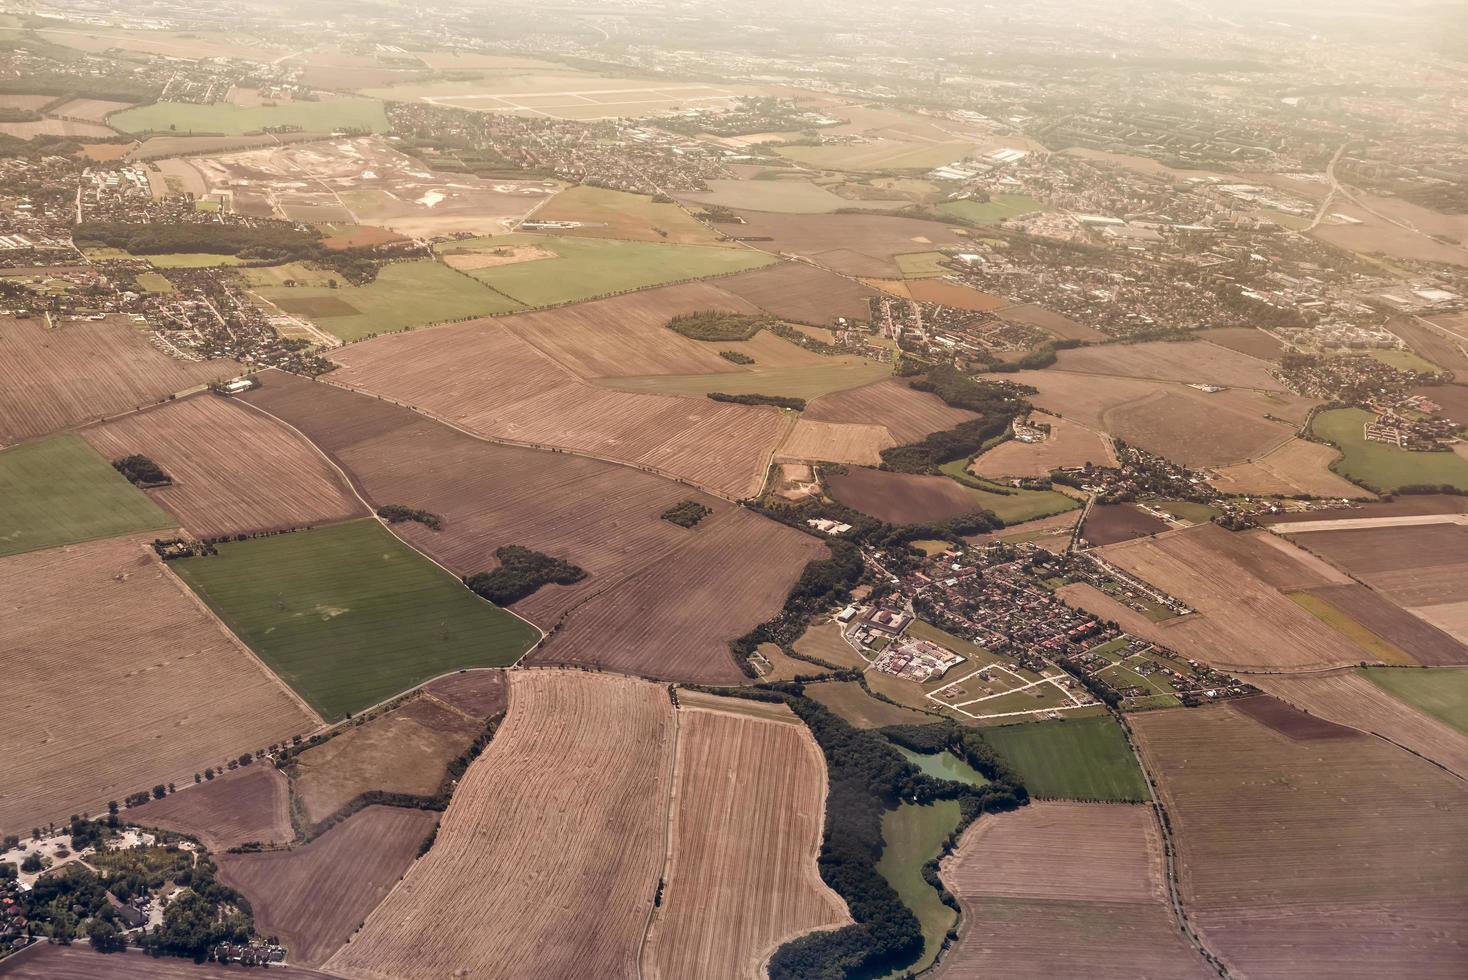 vue aérienne des champs agricoles photo